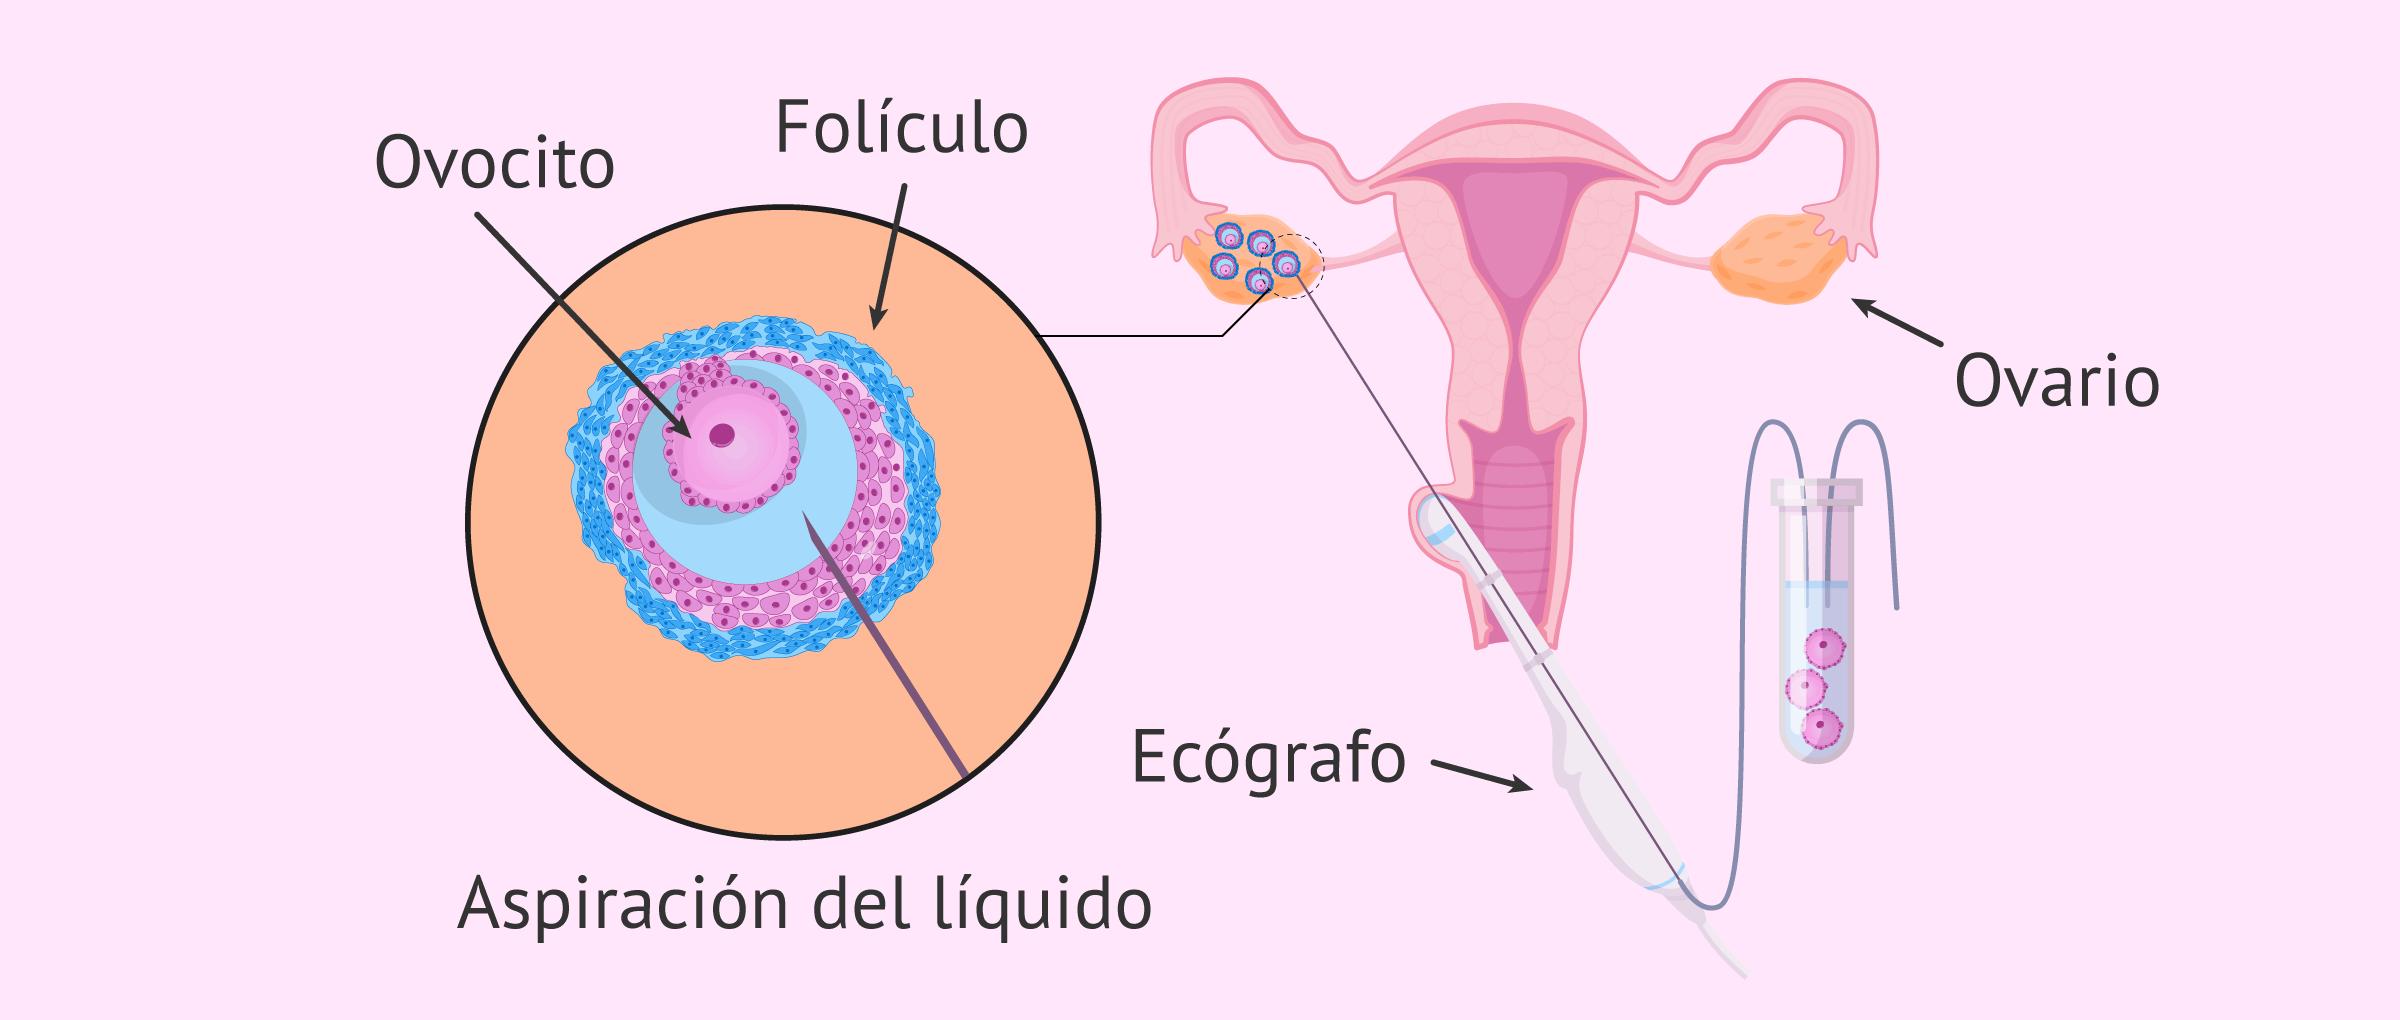 ¿Cómo es la punción folicular para las donantes de óvulos?